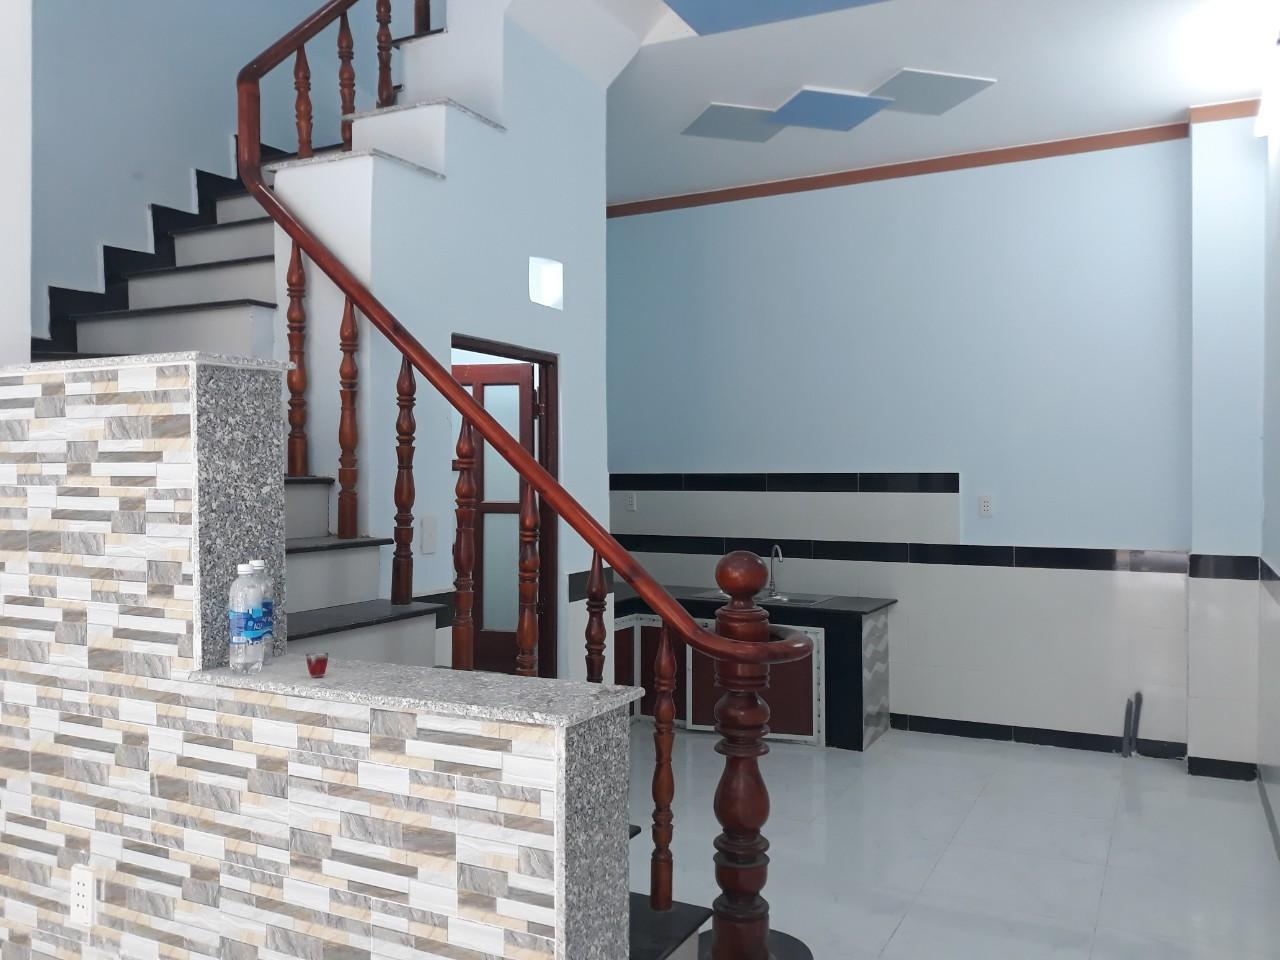 Bán nhà 1 trệt 1 lầu Bình Chuẩn, Thuận An, Bình Dương